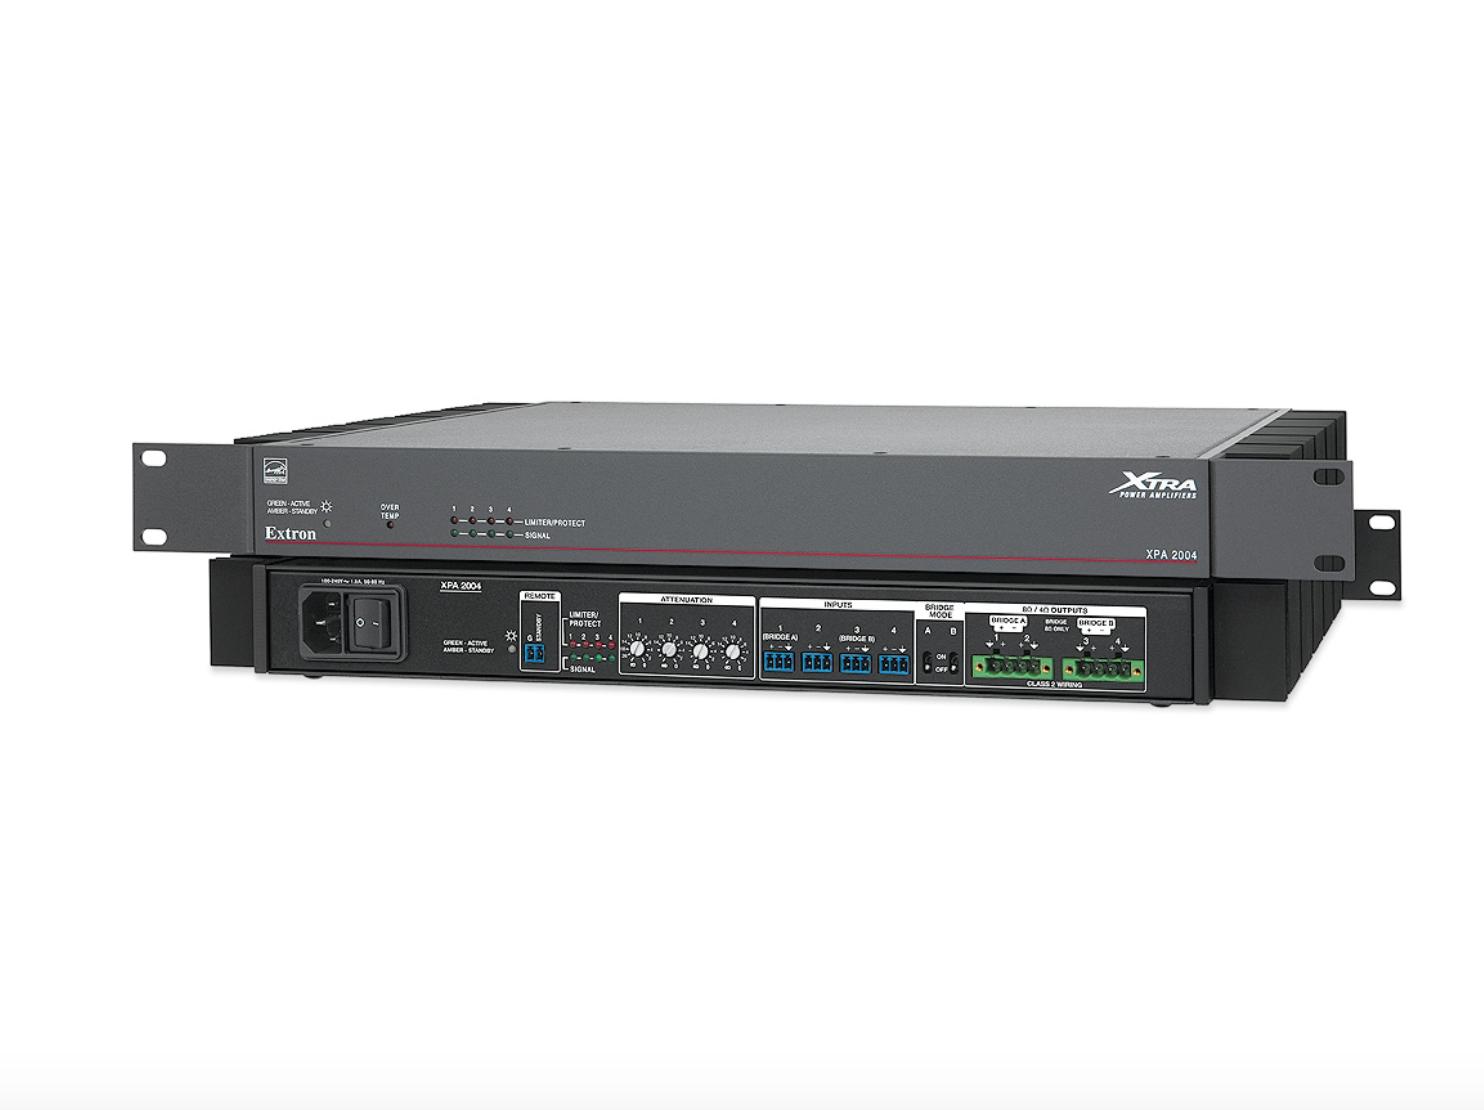 EXTRON  Extron XPA 2004 - Amplificateur à quatre canaux - 200W par canal à 4 Ohms, 100W par canal à 8 Ohms